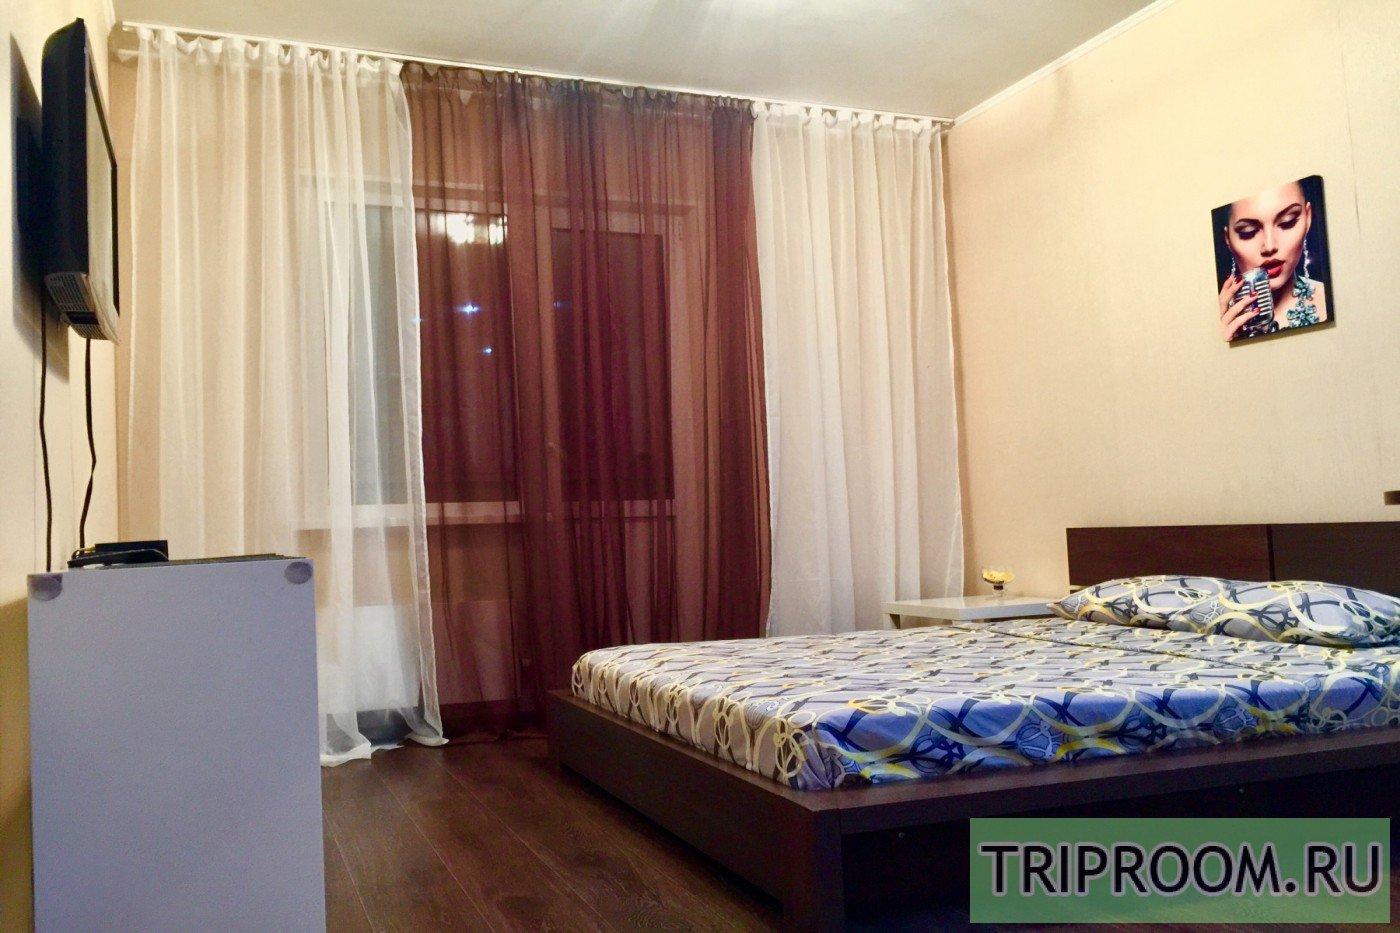 1-комнатная квартира посуточно (вариант № 36698), ул. Университетская улица, фото № 7